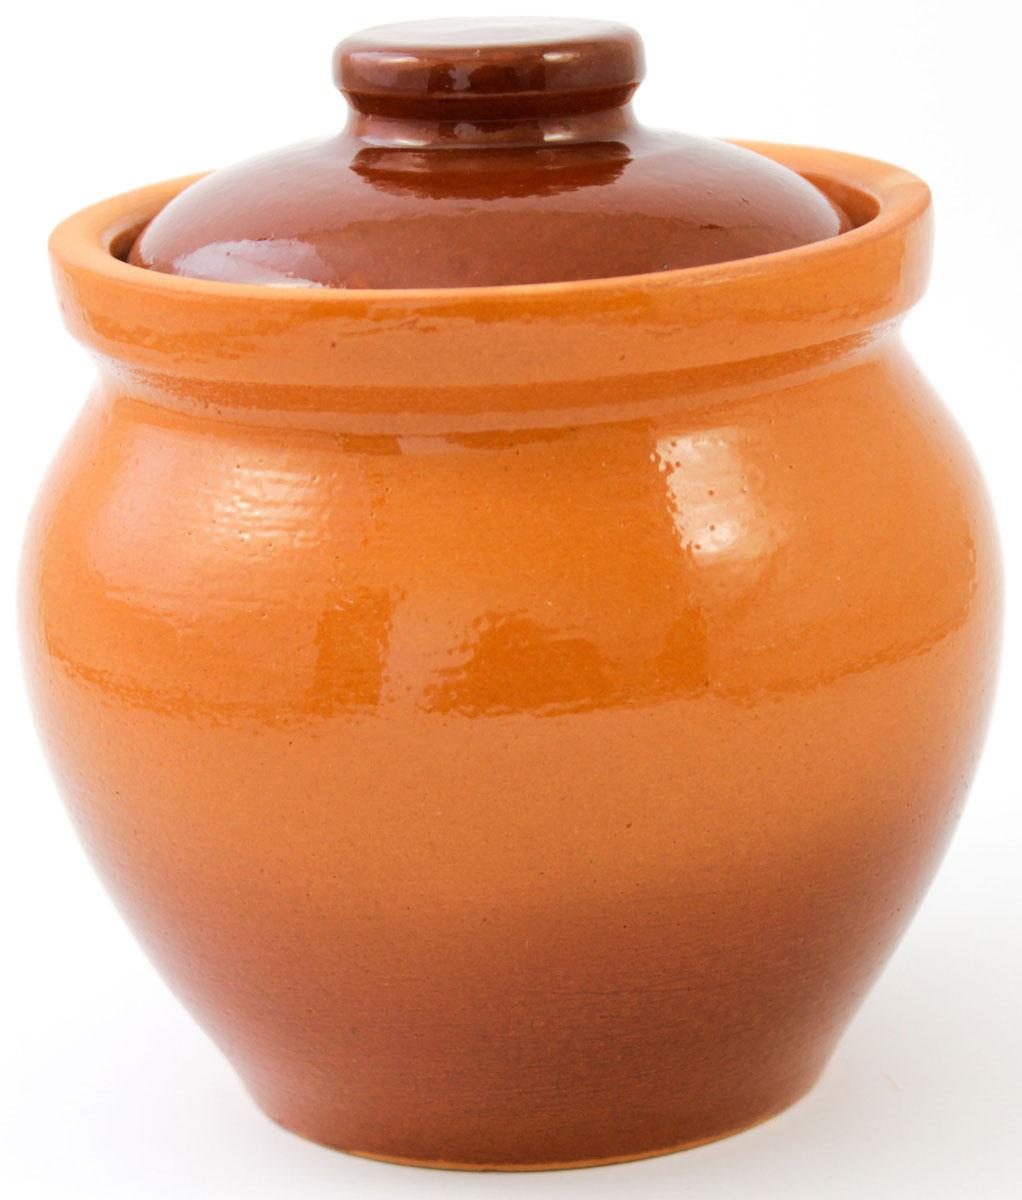 Горшок для запекания Ломоносовская керамика, с крышкой, 400 мл1Г3-10Горшок для запекания Ломоносовская керамика с крышкой выполнен из высококачественной глины. Уникальные свойства глины и толстые стенки изделия обеспечивают эффект русской печи при приготовлении блюд. Блюда, приготовленные в керамическом горшке, получаются нежными исочными. Вы сможете приготовить мясо, сделать томленые овощи и все это без капли масла. Этоодин из самых здоровых способов готовки.